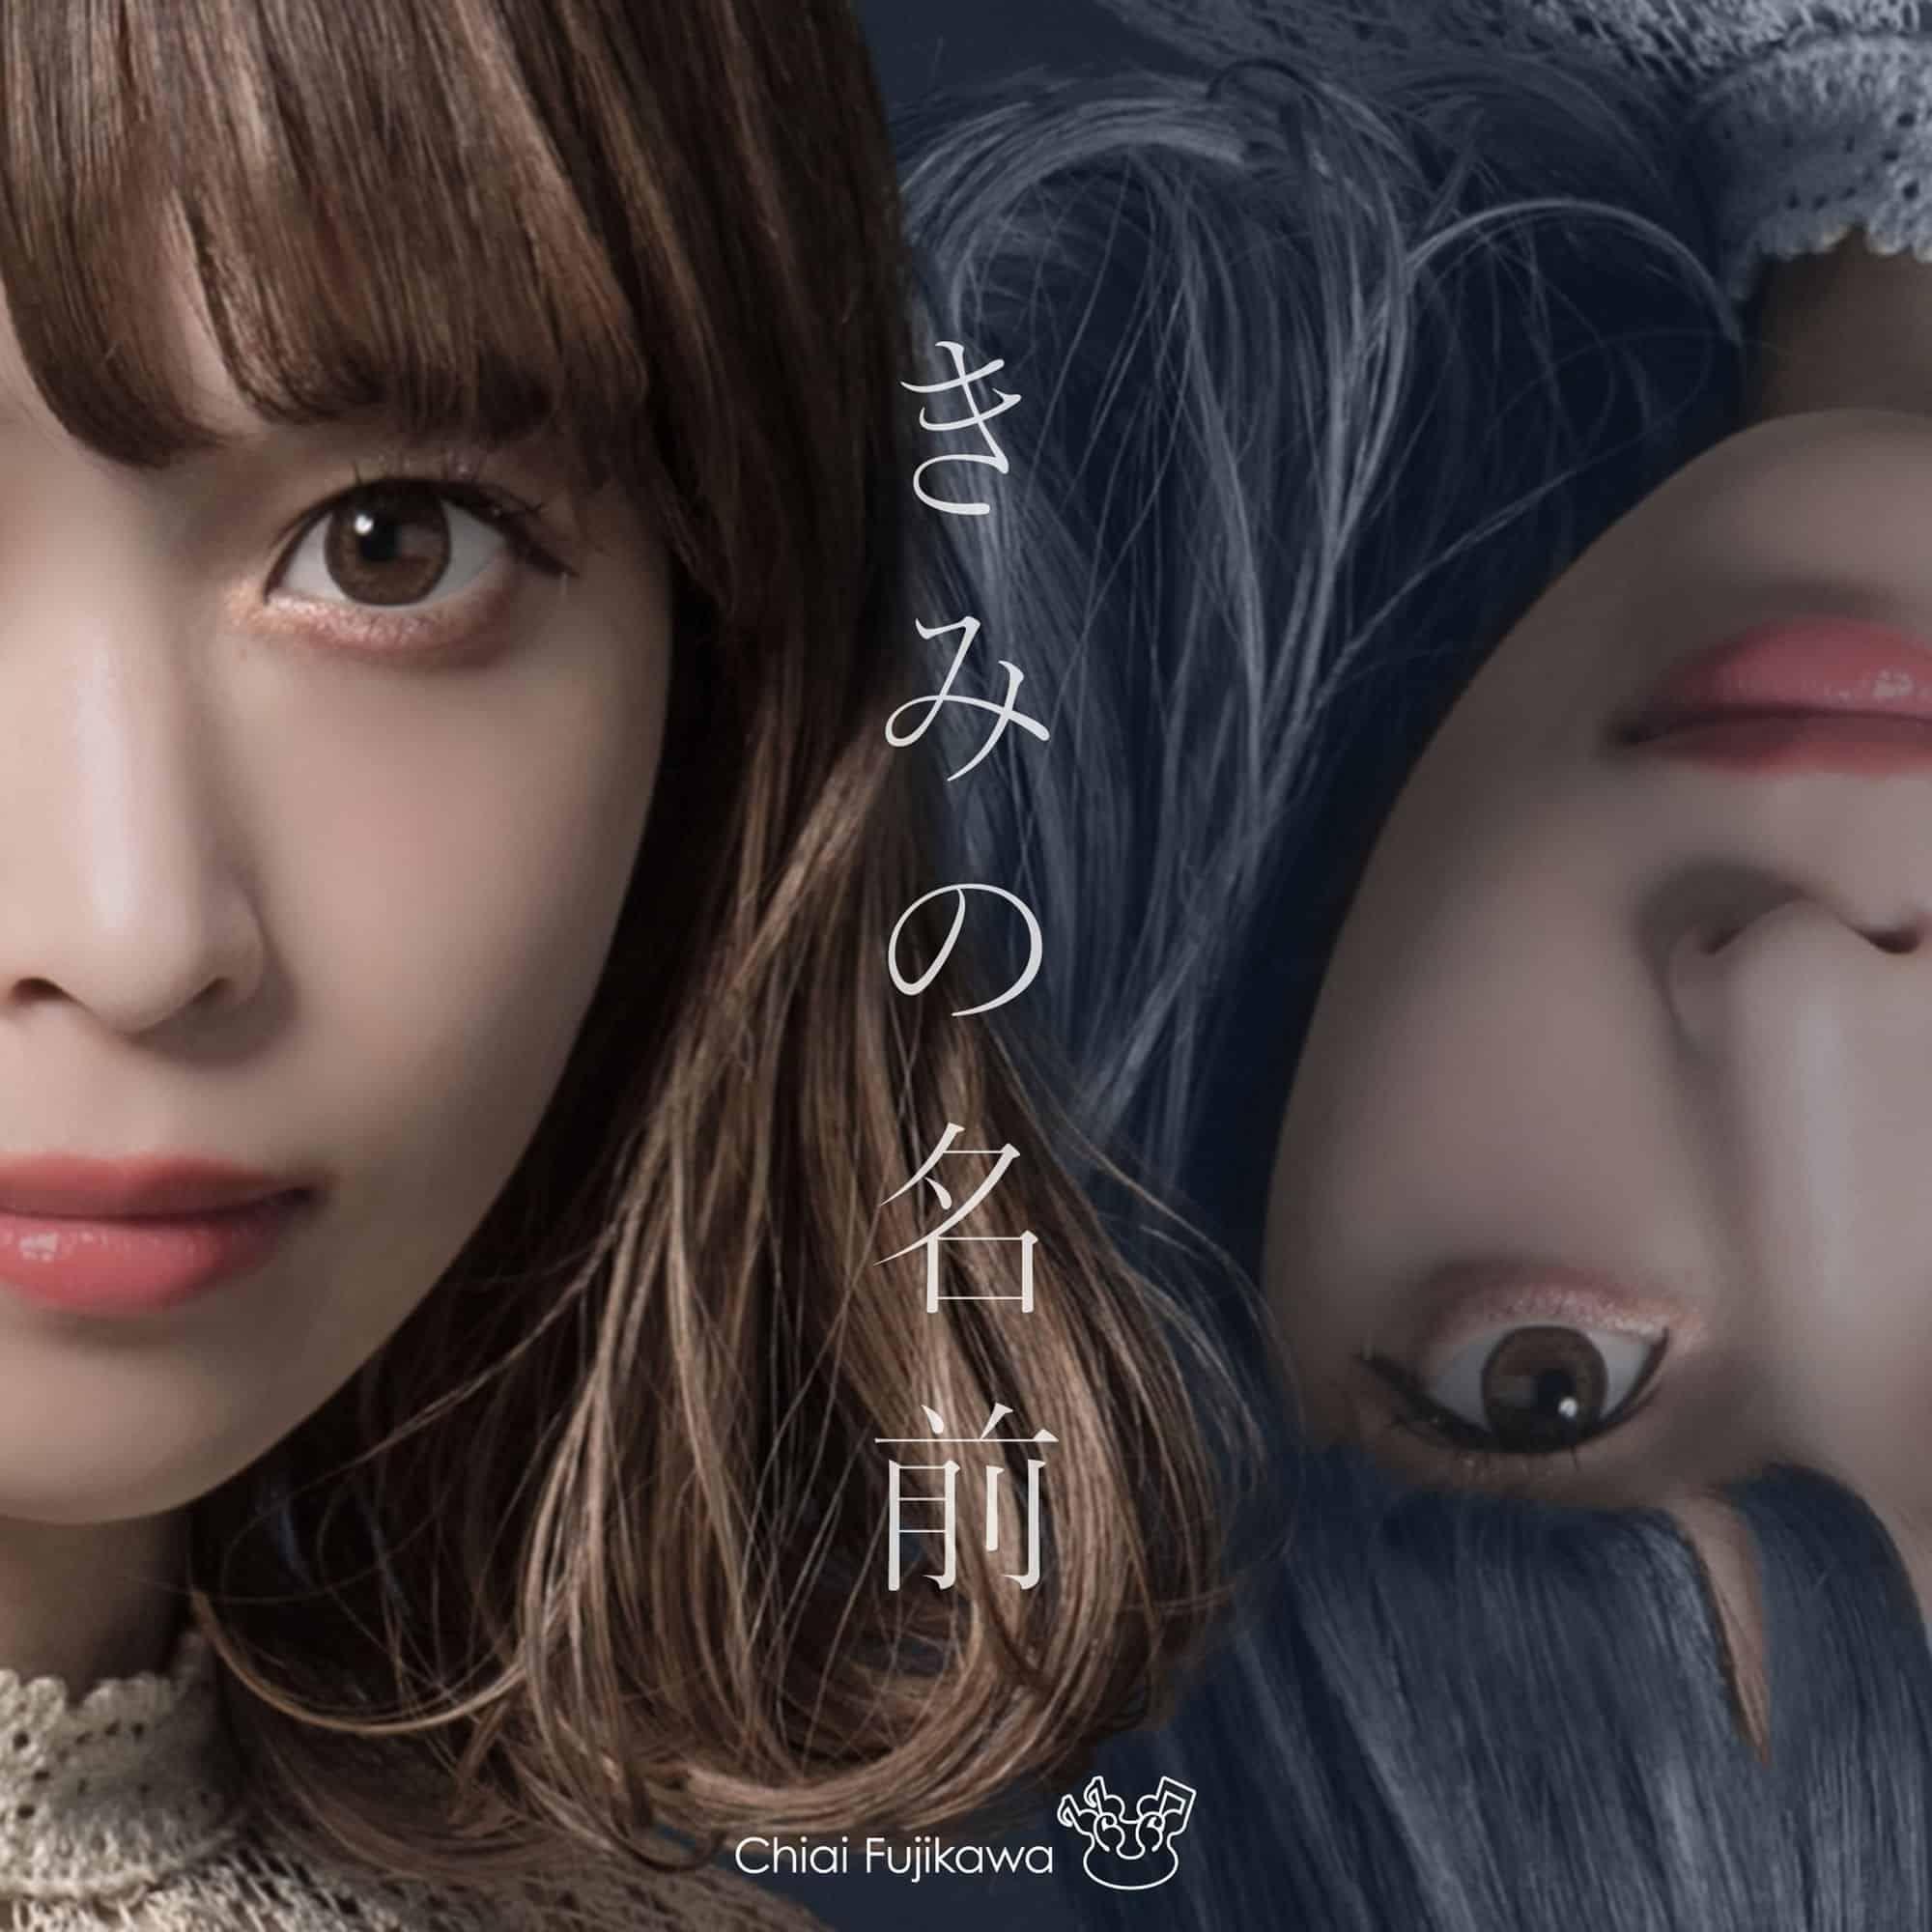 Chiai Fujikawa Kimi no Namae (Single) Tate no Yuusha no